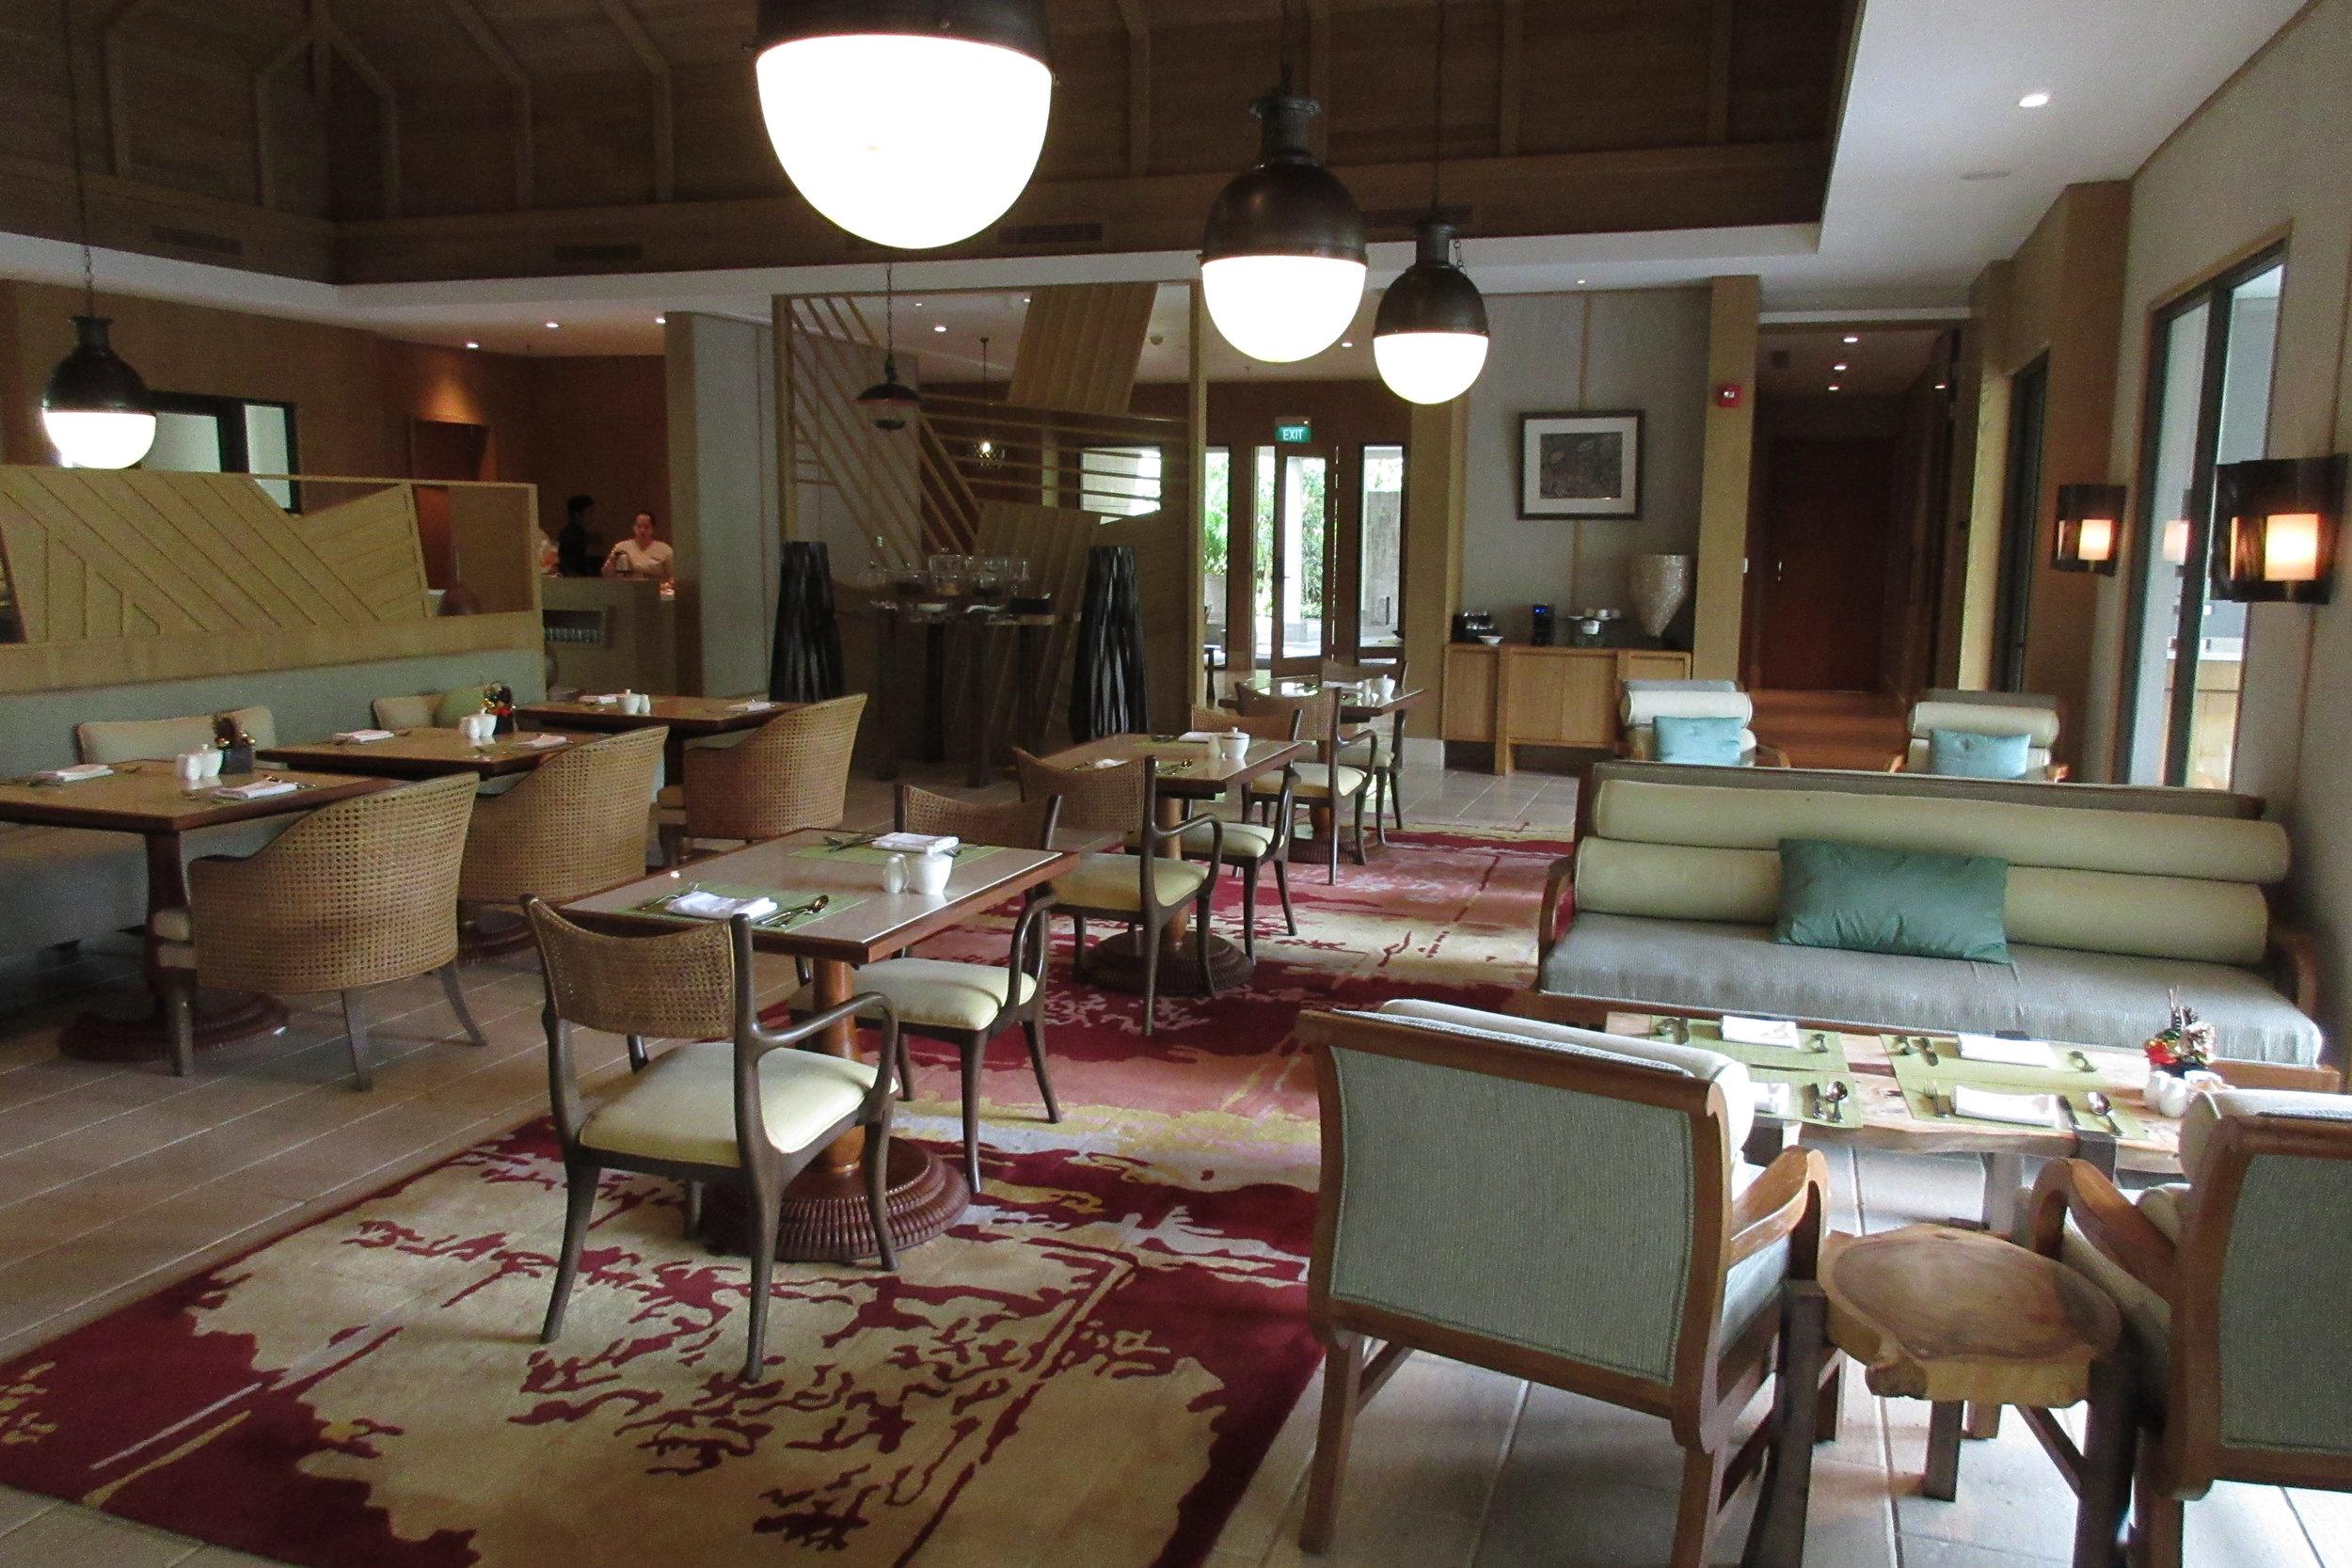 The Ritz-Carlton, Bali – Club dining area